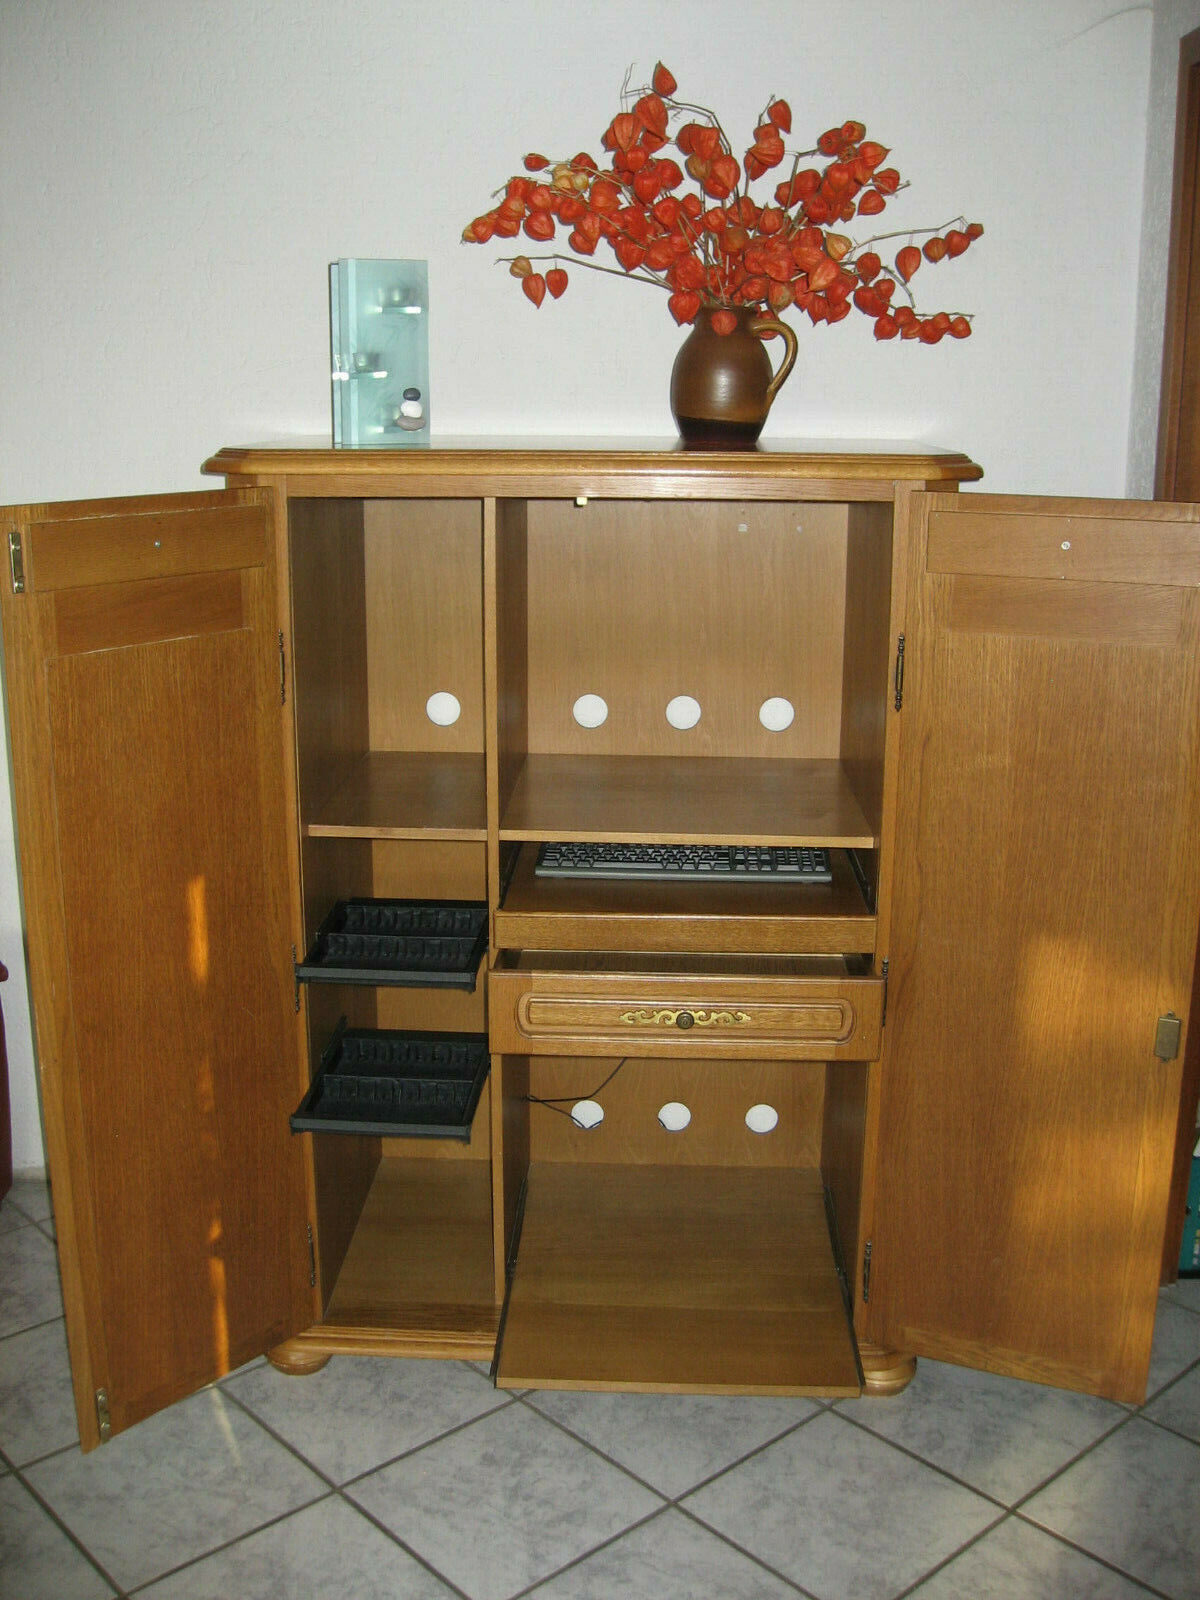 Computerschrank Eiche, sehr schwerer PC Schrank, Büroschrank, 140 x 100 x 60 cm